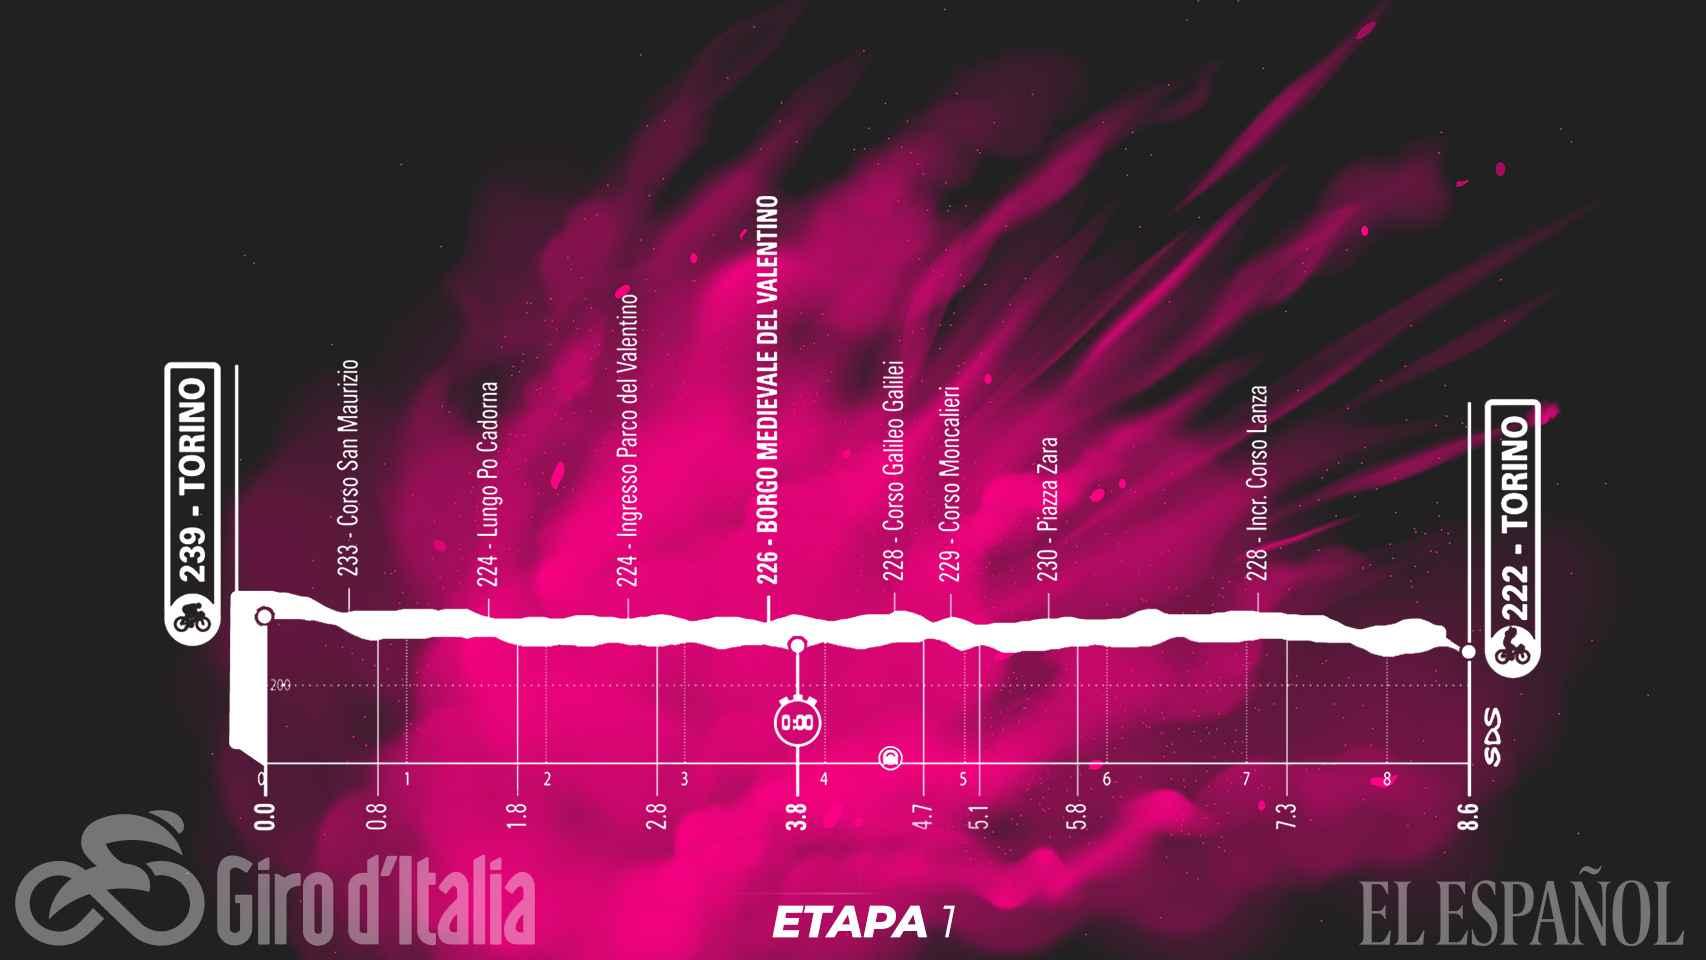 Etapa 1 (sábado 8 de mayo): Torino - Torino   8,6 kilómetros (CRI)